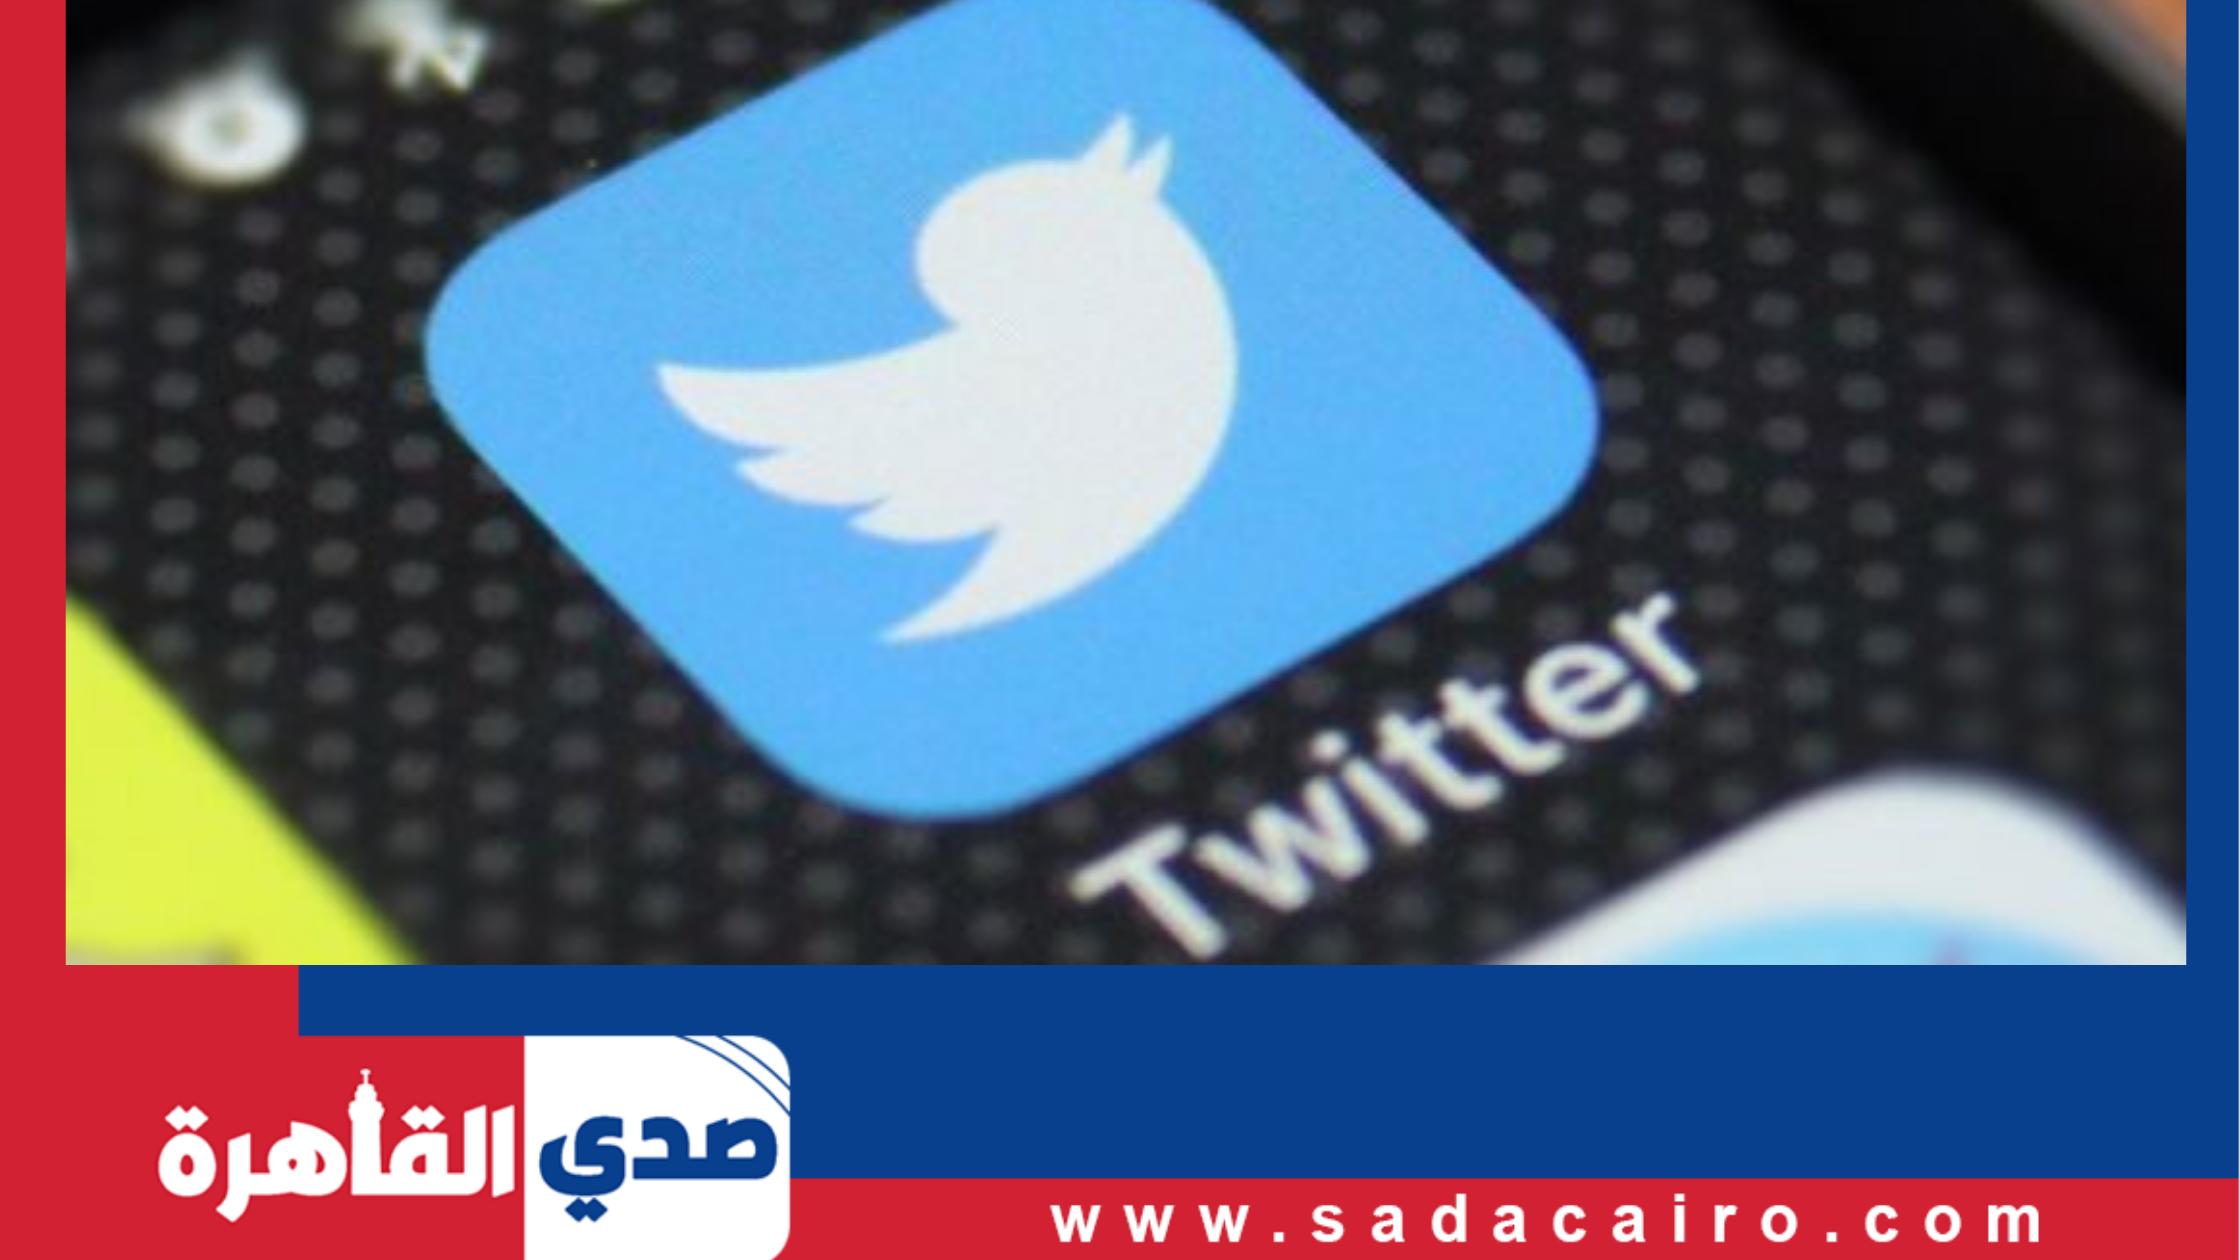 منصة تويتر تحضر لميزة جديدة بشأن النشرة الإخبارية